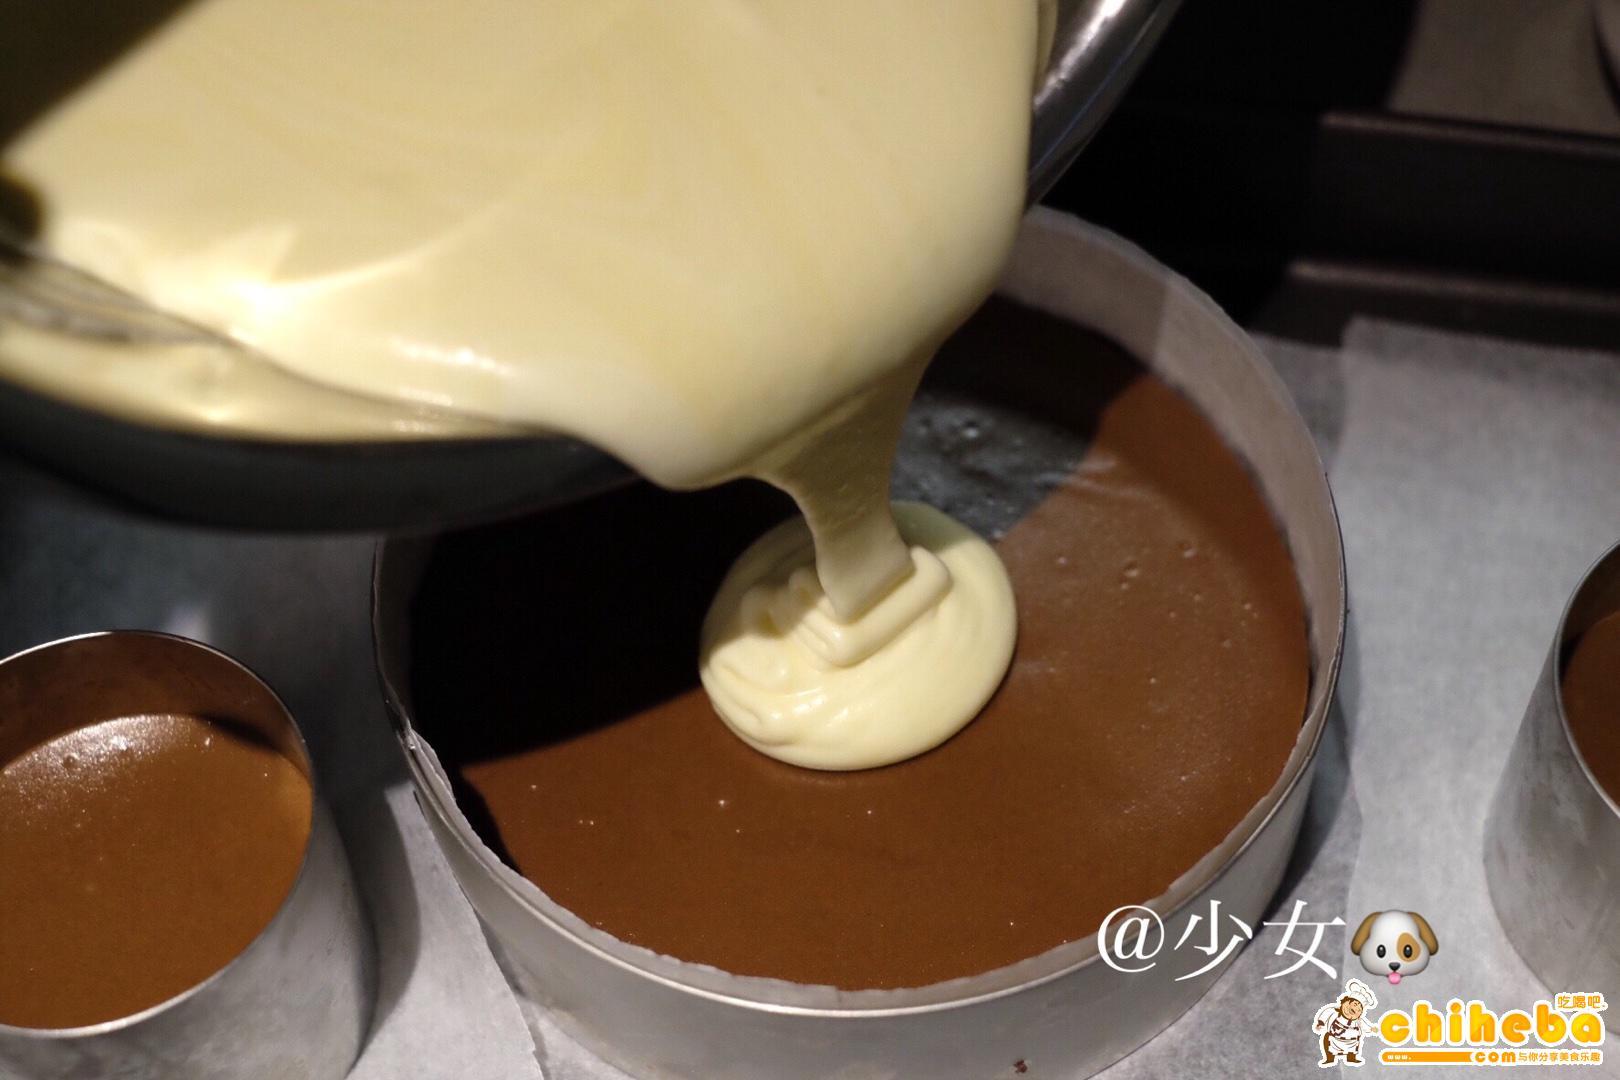 <LeTao> 巧克力双层芝士蛋糕配方大公开!!的做法 步骤15